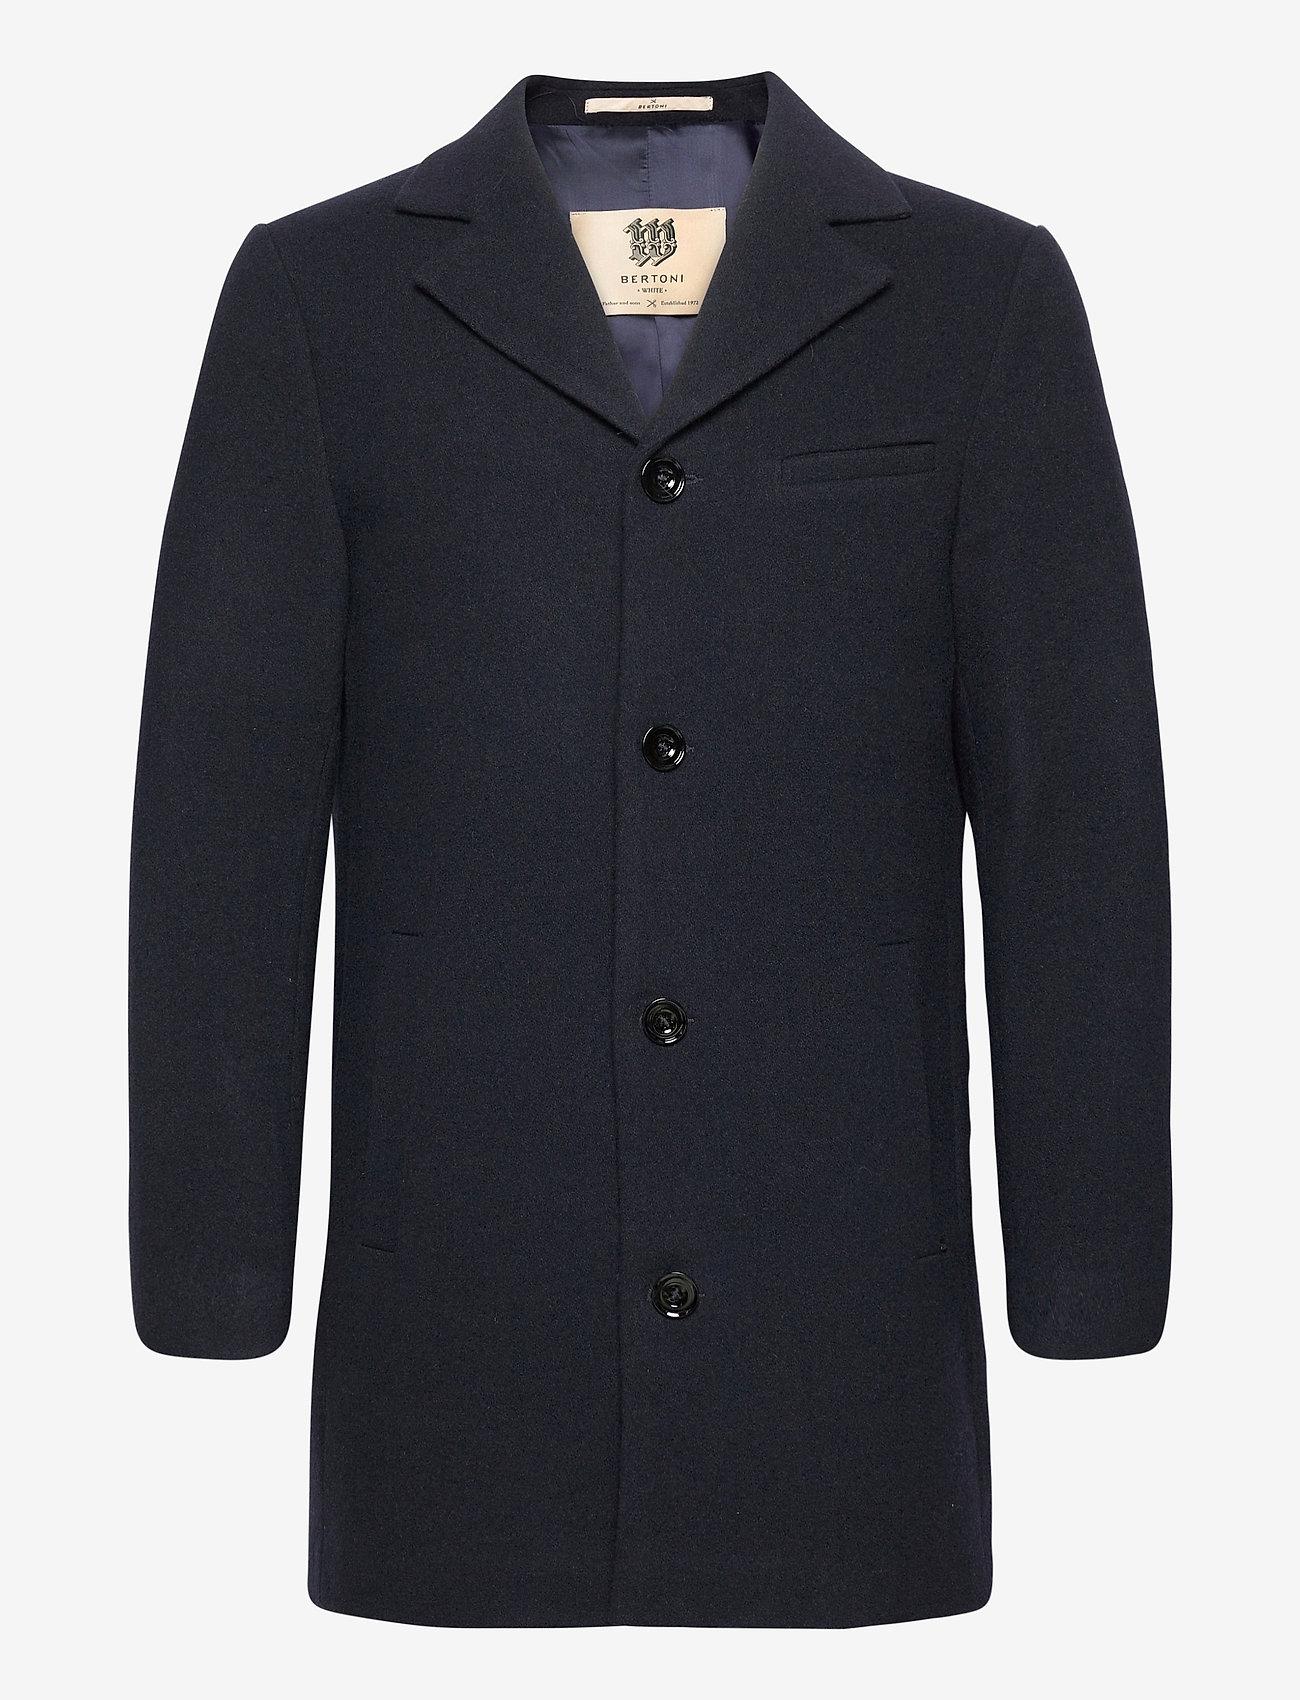 Bertoni - Brande - ullrockar - 740 dress blue - 0